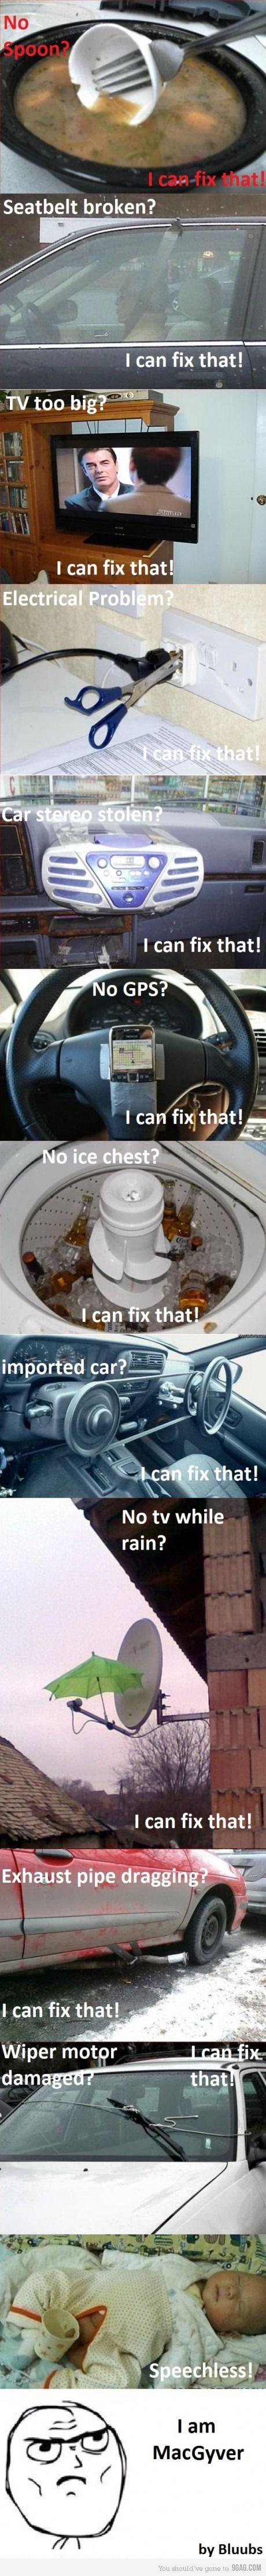 You can fix that!! Hahaha El de la antena de cable!!